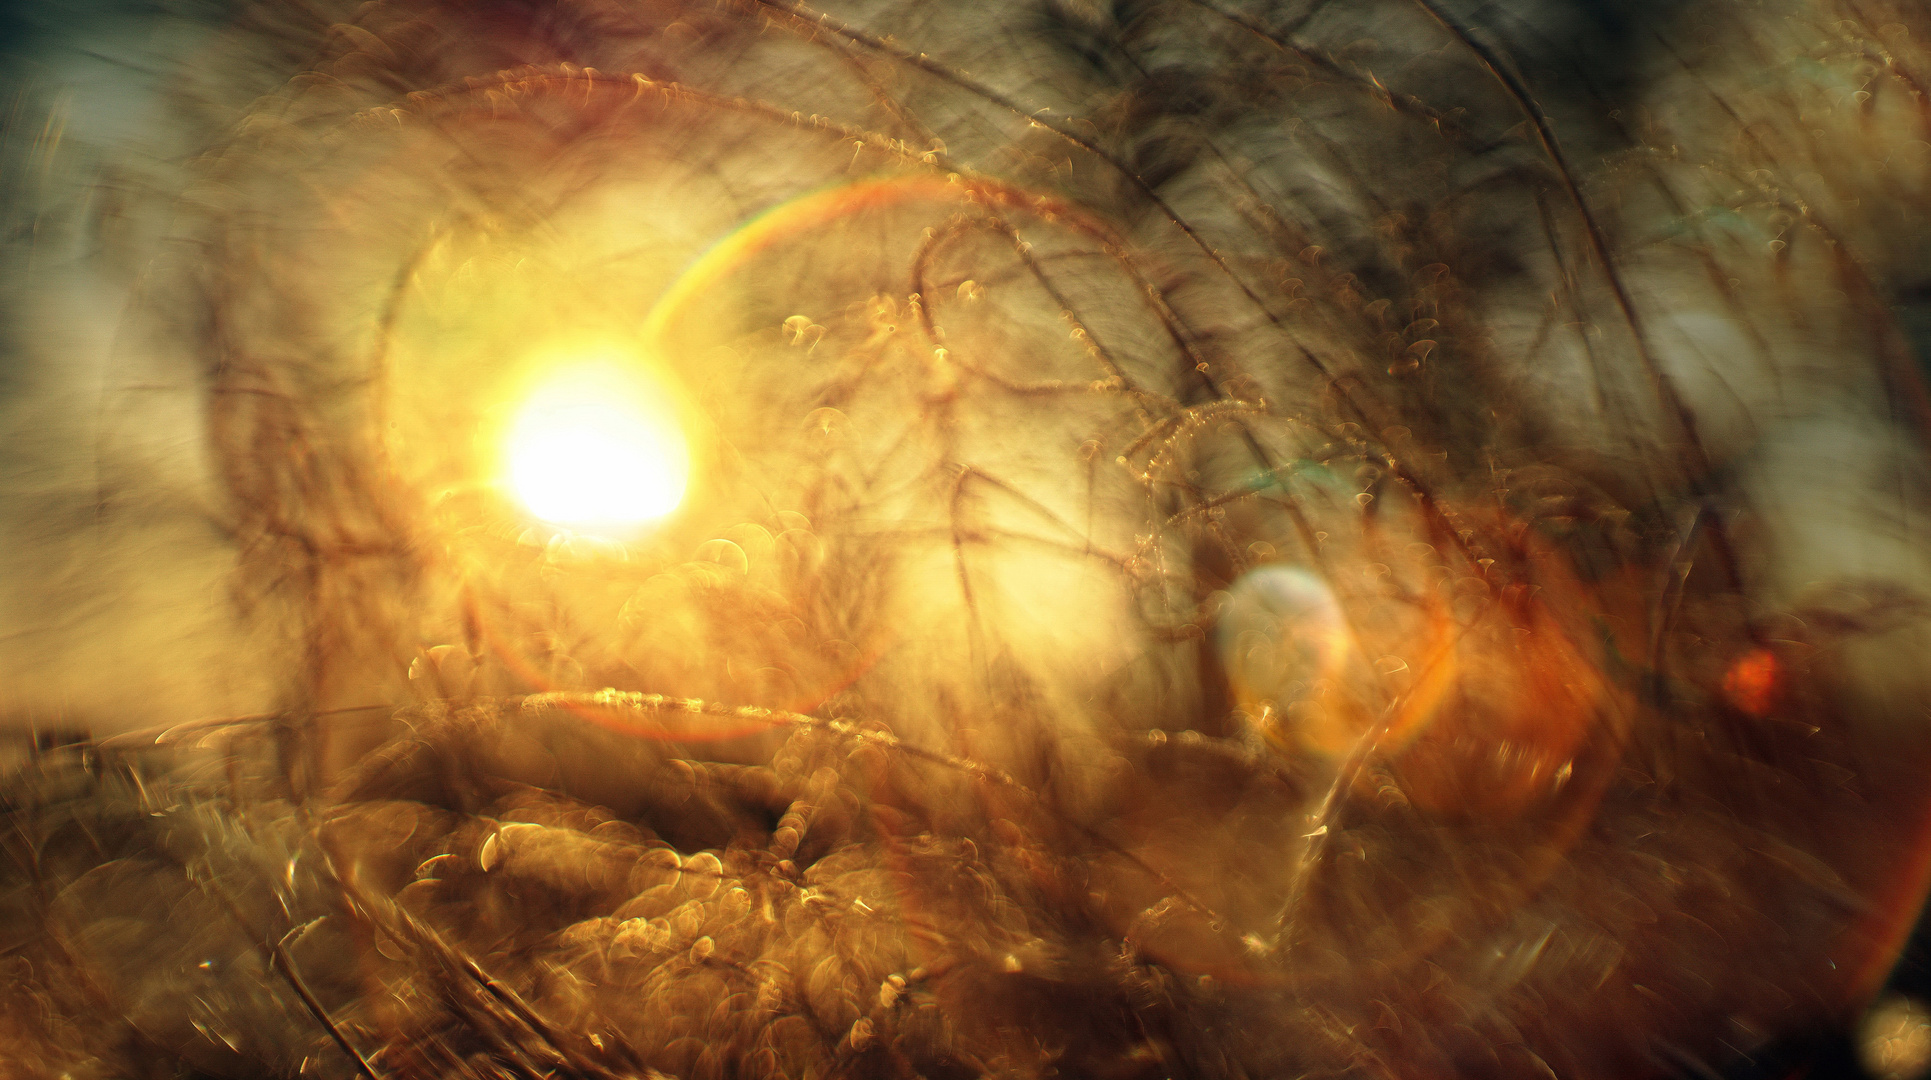 Das frühe Licht an einem frostkalten ersten Frühlingstag